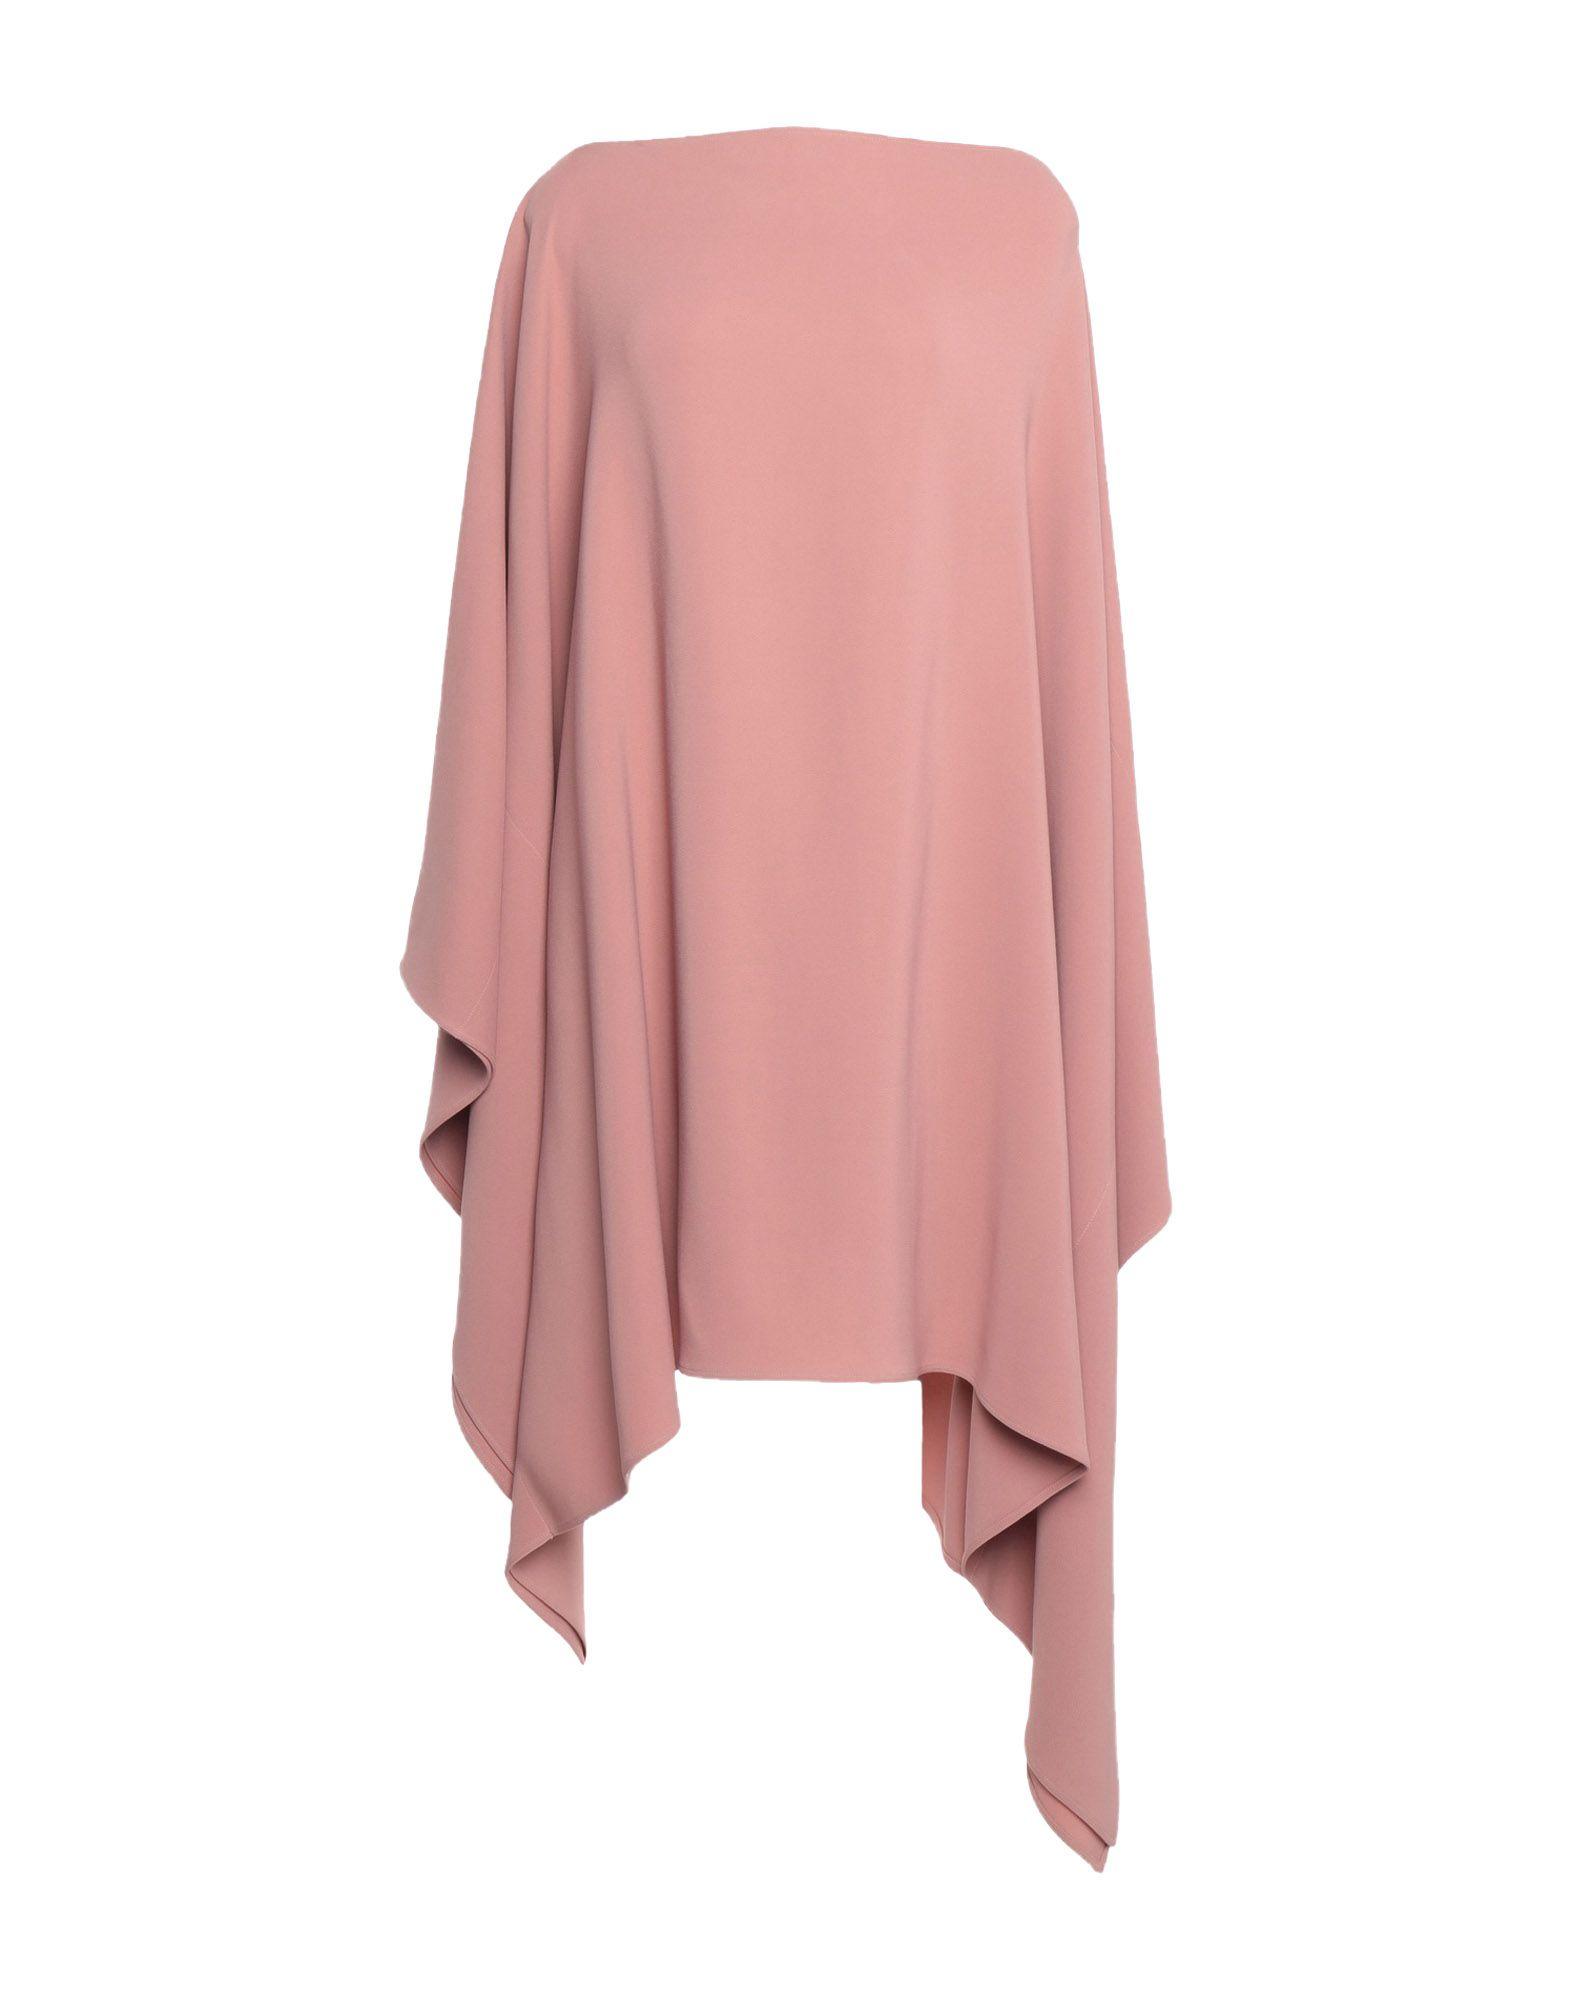 Фото - GIANLUCA CAPANNOLO Короткое платье сибирская женщина 2017 лето стоять воротник платье большой платье темперамент платье s72r0236a28m цвет m